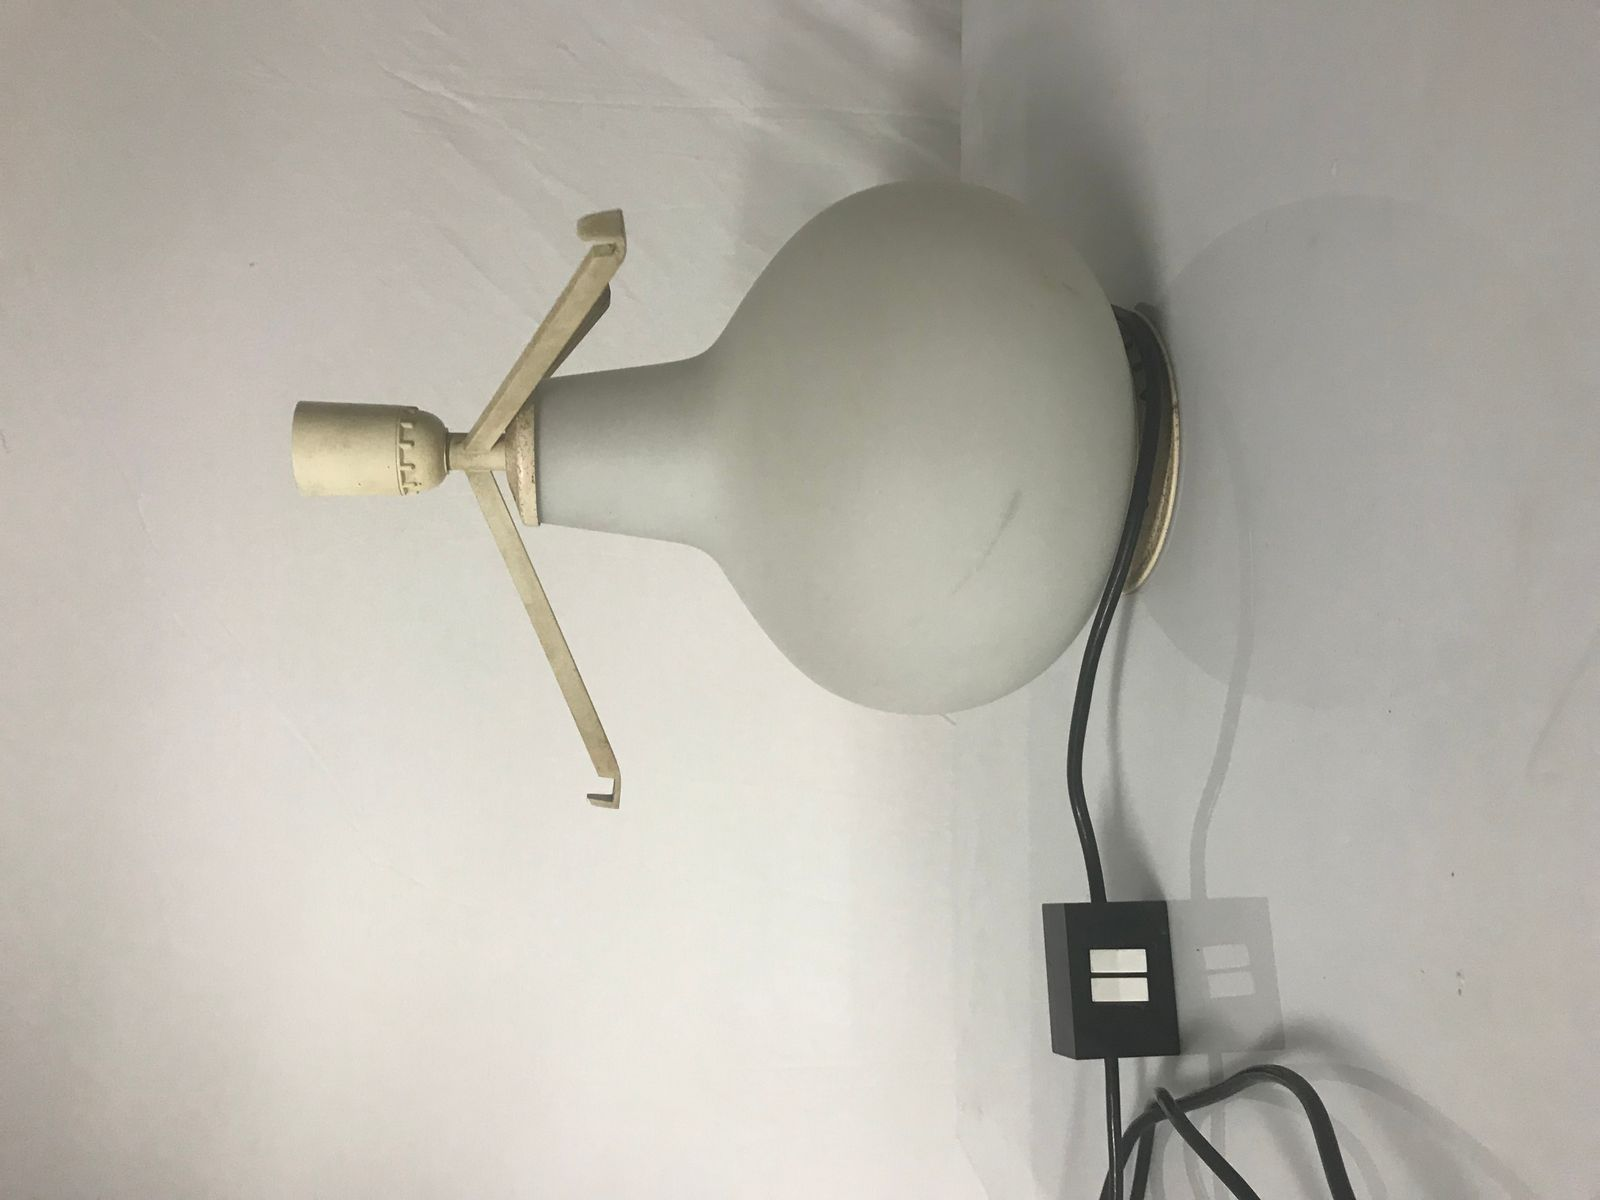 Modell 1853/1 Tischlampe von Fontana Arte, 1950er